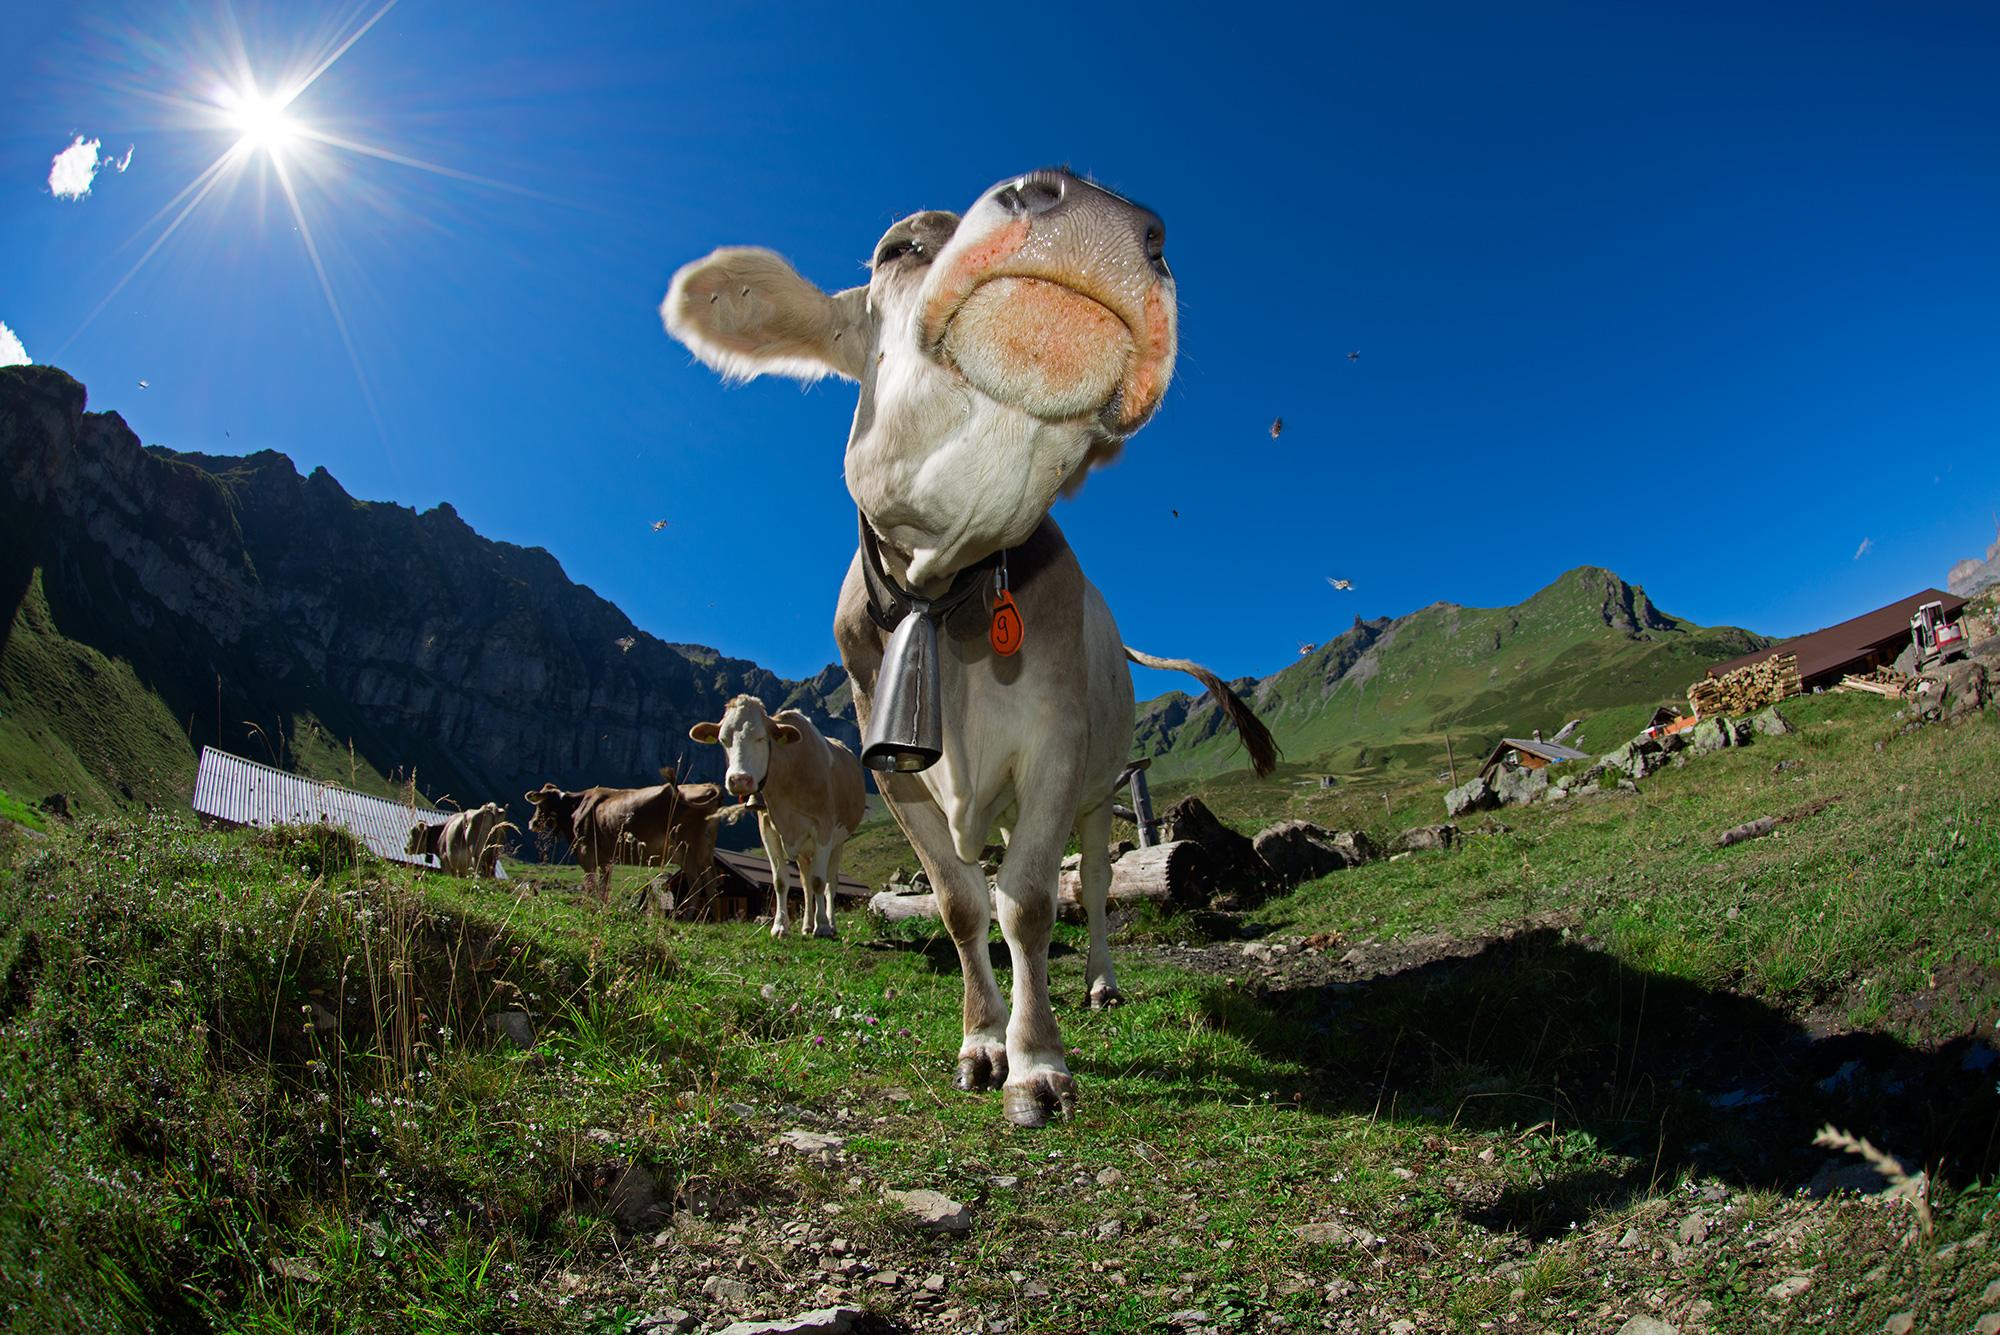 Sittlis Alp, Canton Uri - Switzerland